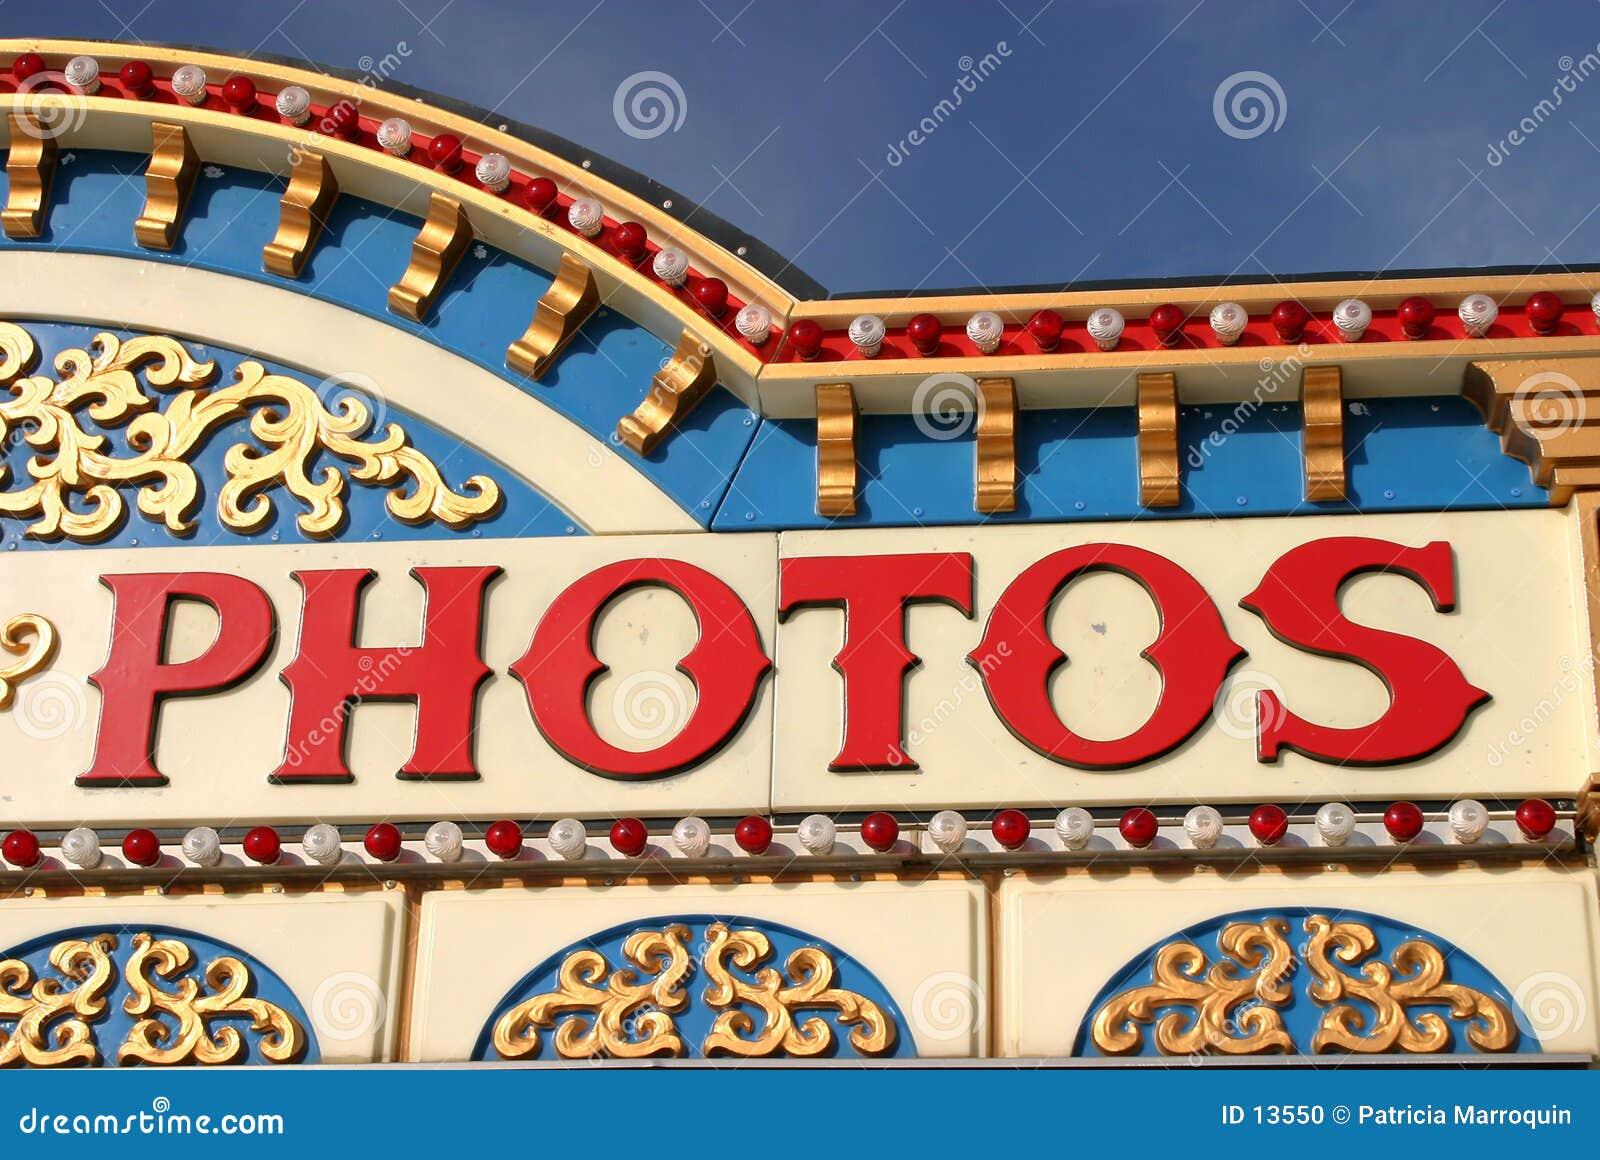 Wspaniały fotos